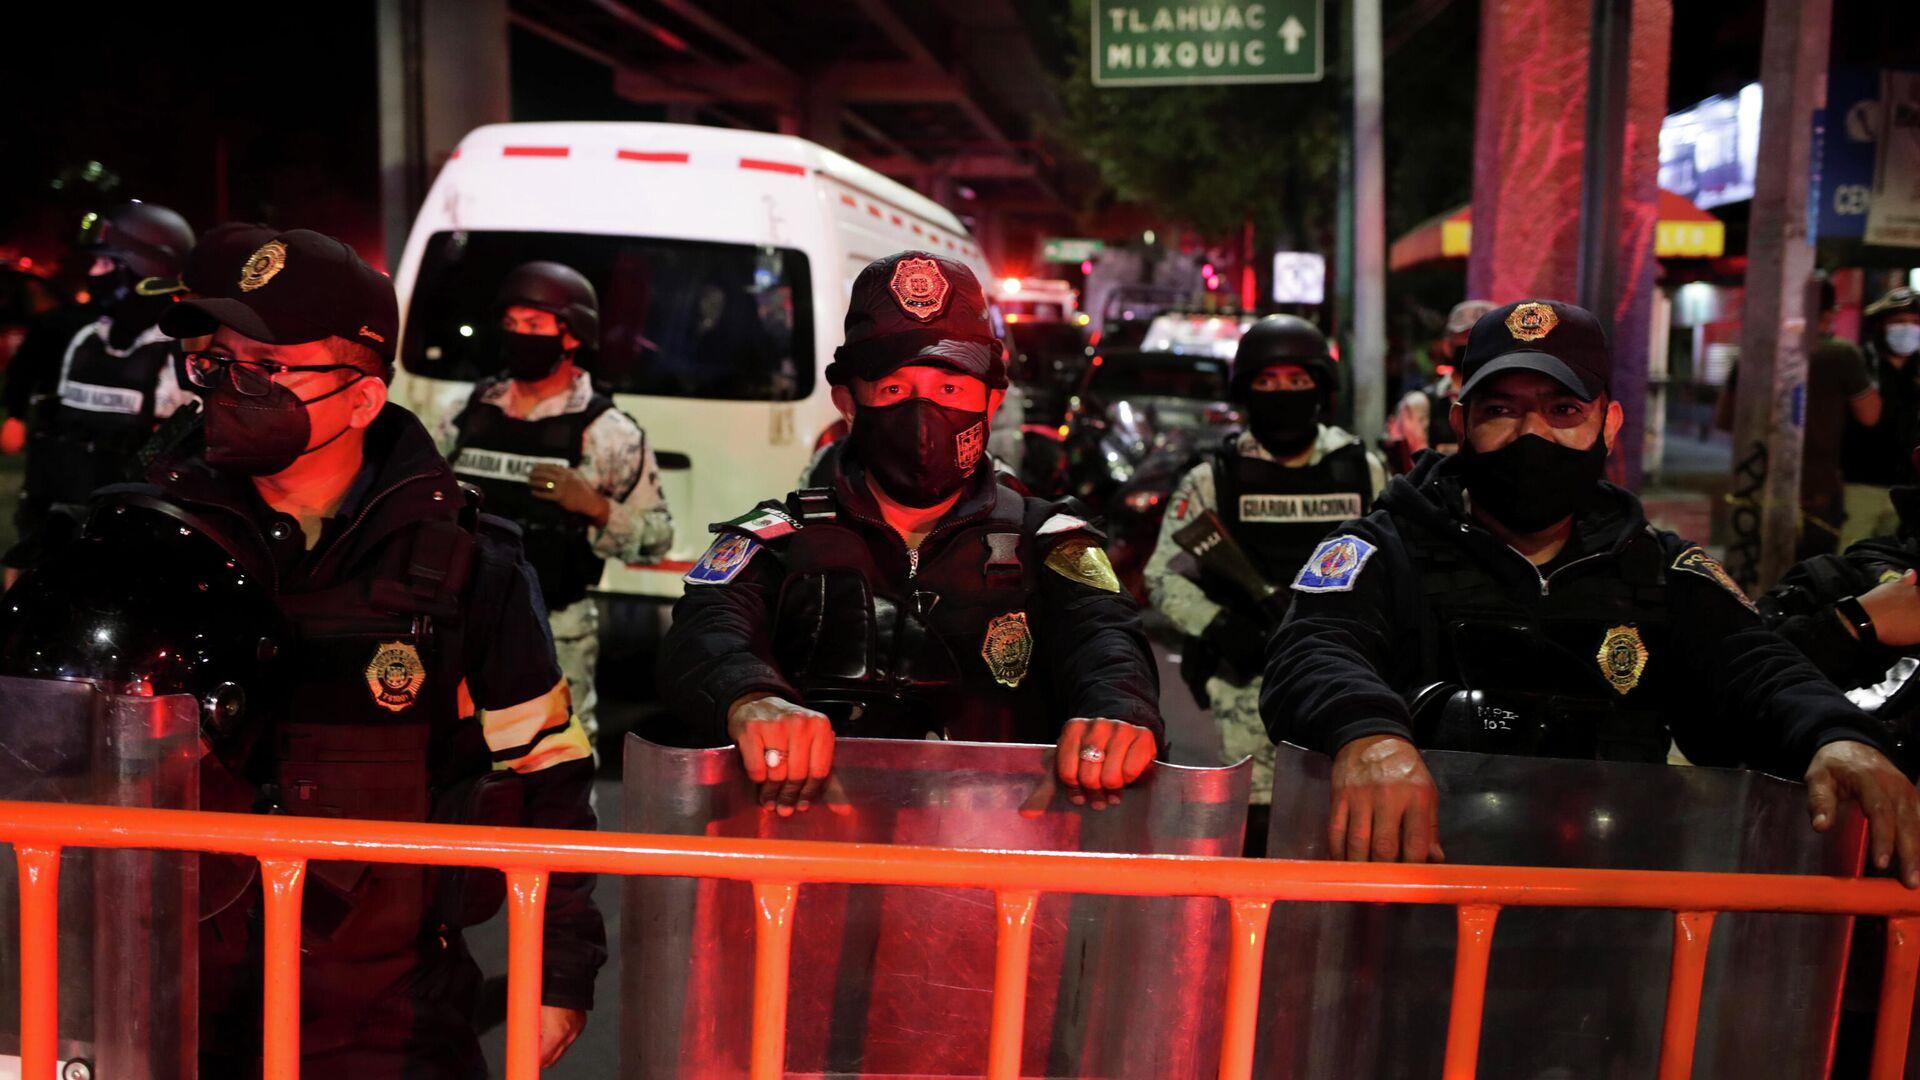 Los policías mexicanos resguardan el lugar donde colapsó el metro en la ciudad de México - Sputnik Mundo, 1920, 04.05.2021